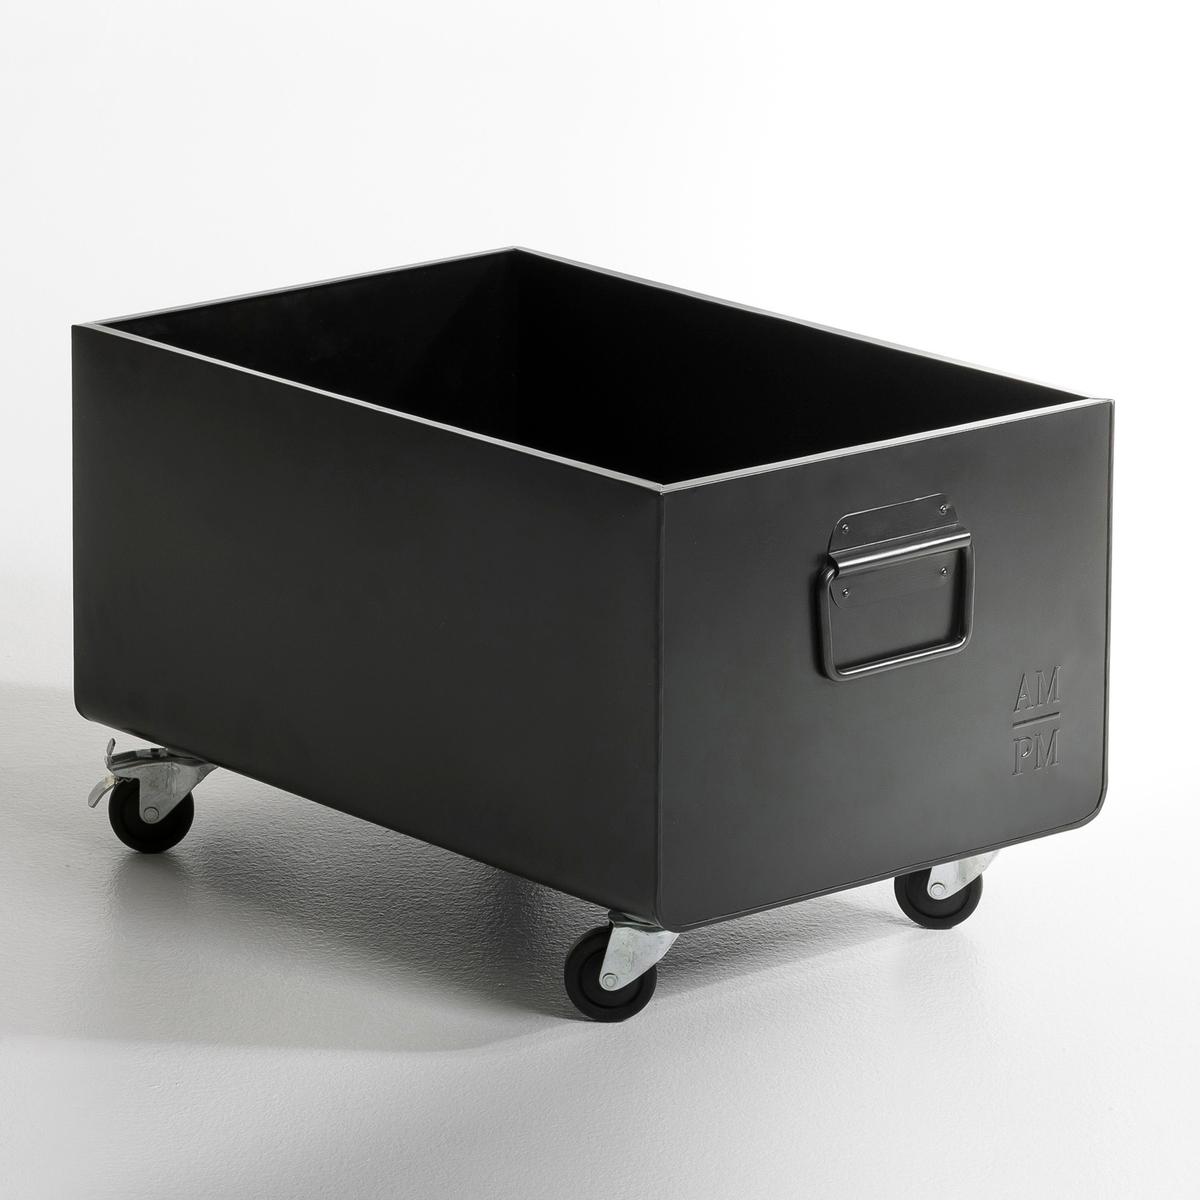 Ящик на колесах ToyboxИз металла с эпоксидным покрытием. 2 ручки. 4 колеса, 2 из которых с тормозом. Размеры: Ш.61,5 x Г.39,5 x В.29 см (В.39 см с колесами). Ящик идеально подходит для хранения игрушек, журналов, книг...<br><br>Цвет: серый,черный